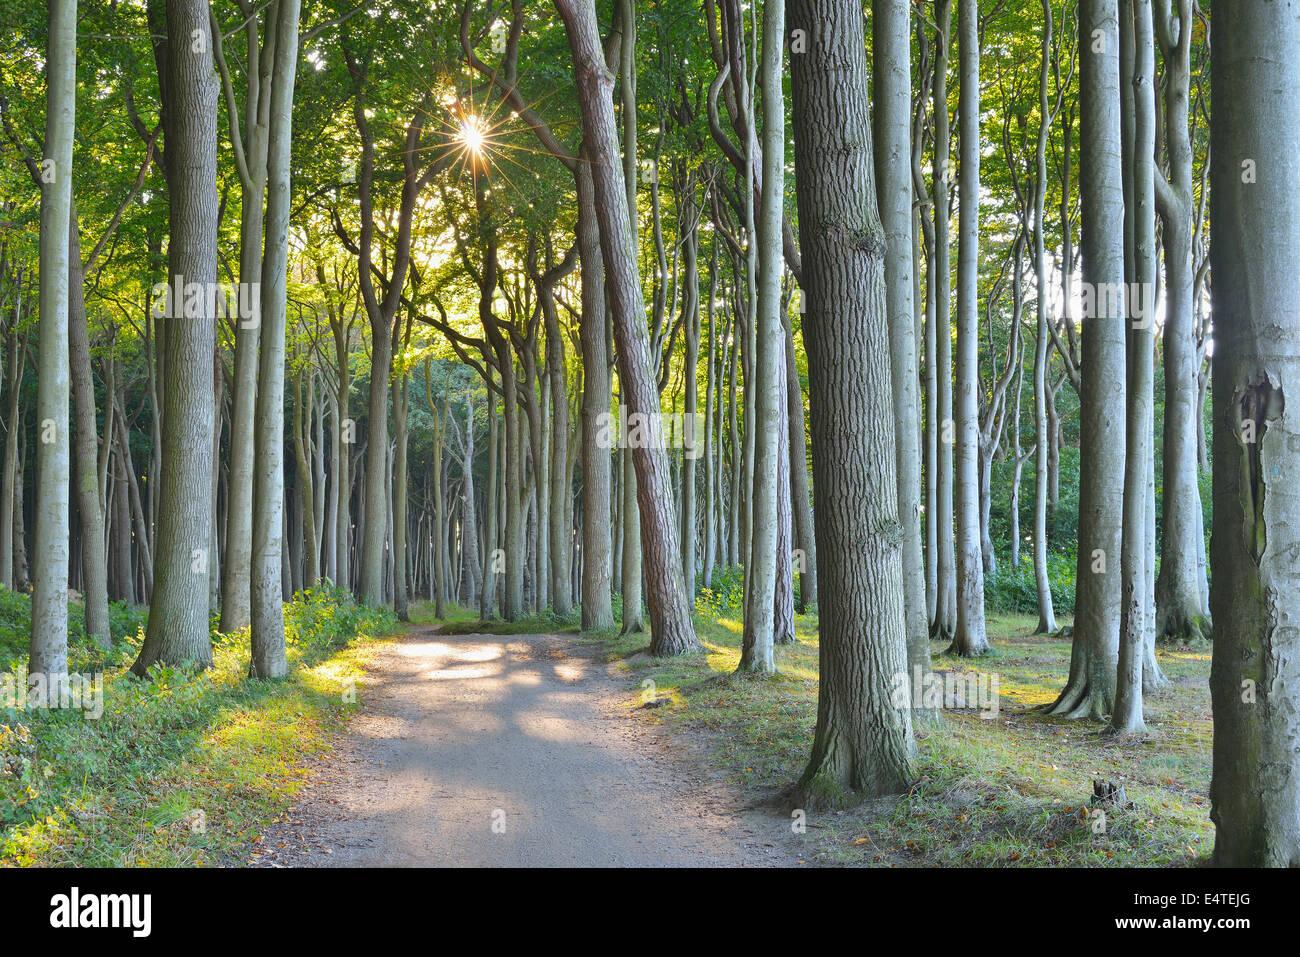 Bosque de hayas con la ruta costera, Nienhagen, Bad Doberan, Mar Báltico, Pomerania Occidental, Alemania Foto de stock